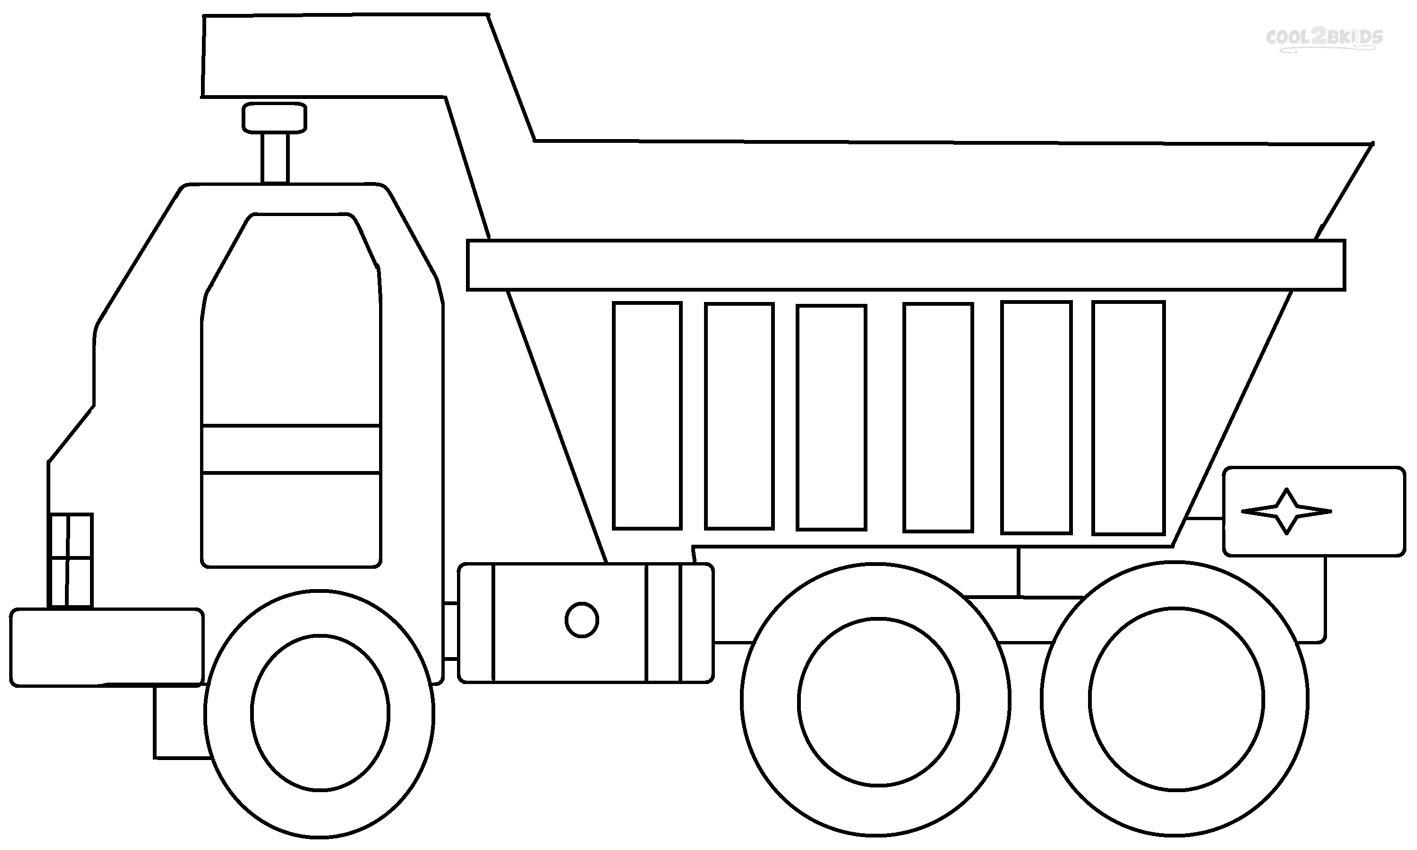 Dessin Camion Benne Coloriage.34 Dessins De Coloriage Camion Benne A Imprimer Sur Laguerche Com